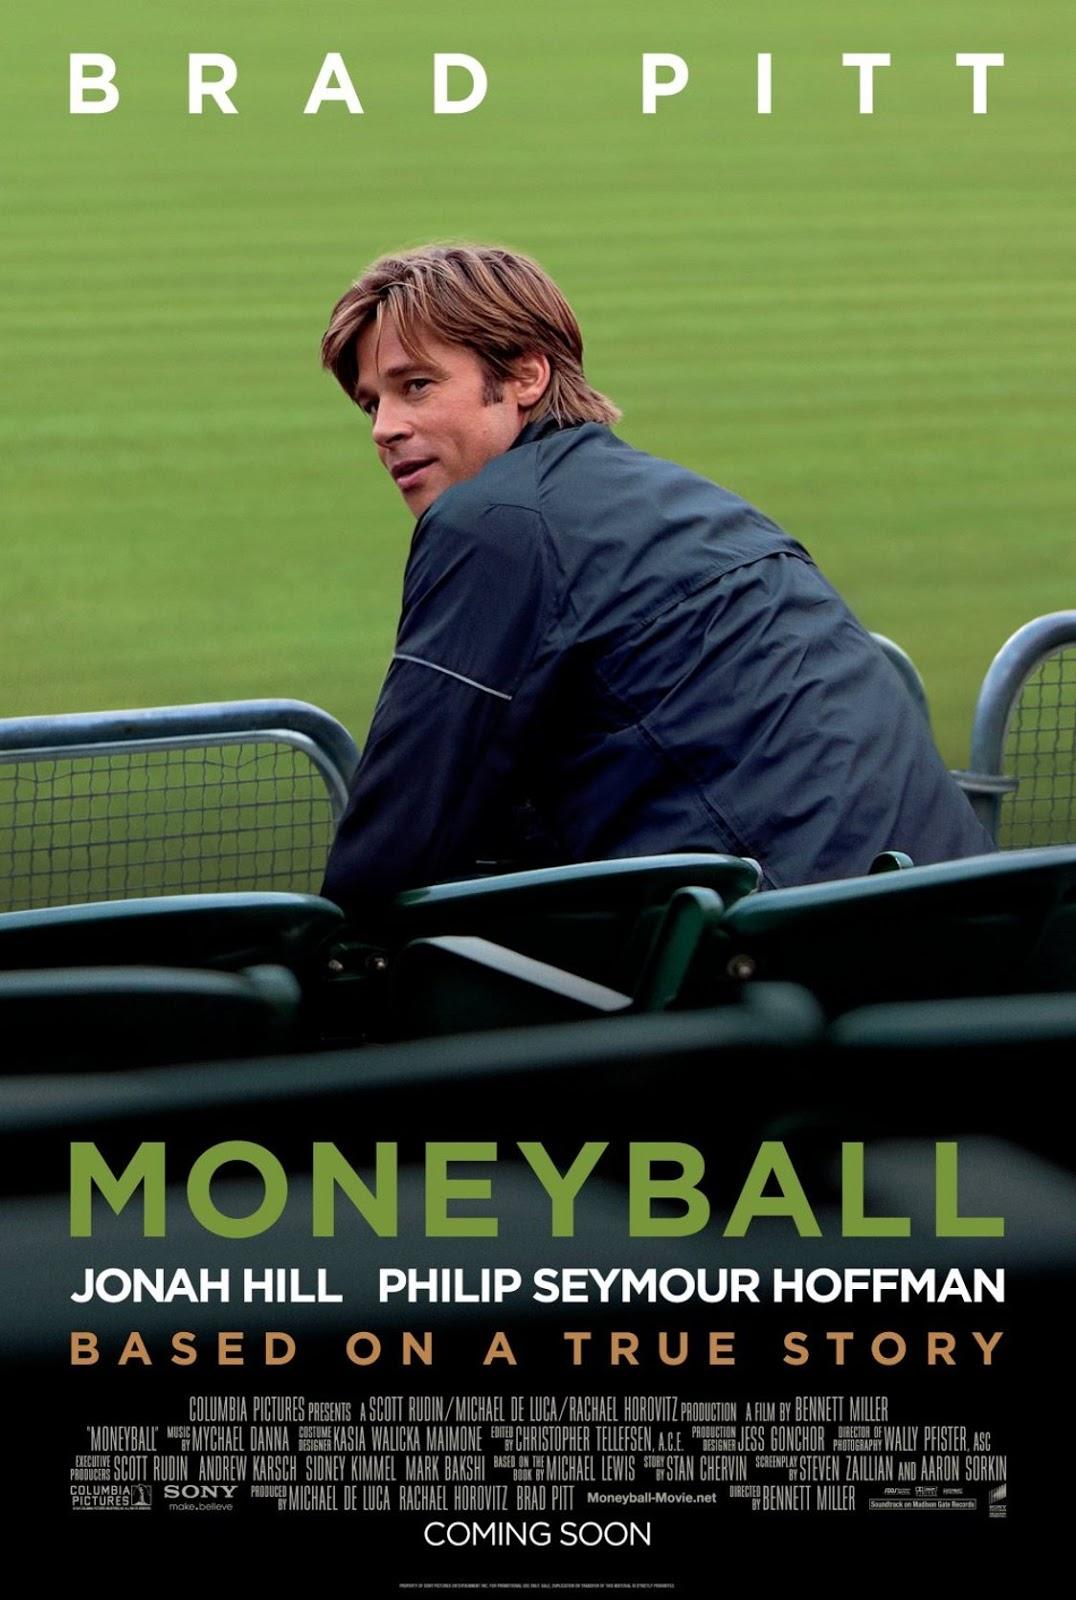 http://1.bp.blogspot.com/-NOn2AIZ6hFw/Tn9rZYJhKAI/AAAAAAAAA7A/Mk1QCcgNOcc/s1600/moneyball-poster.jpg